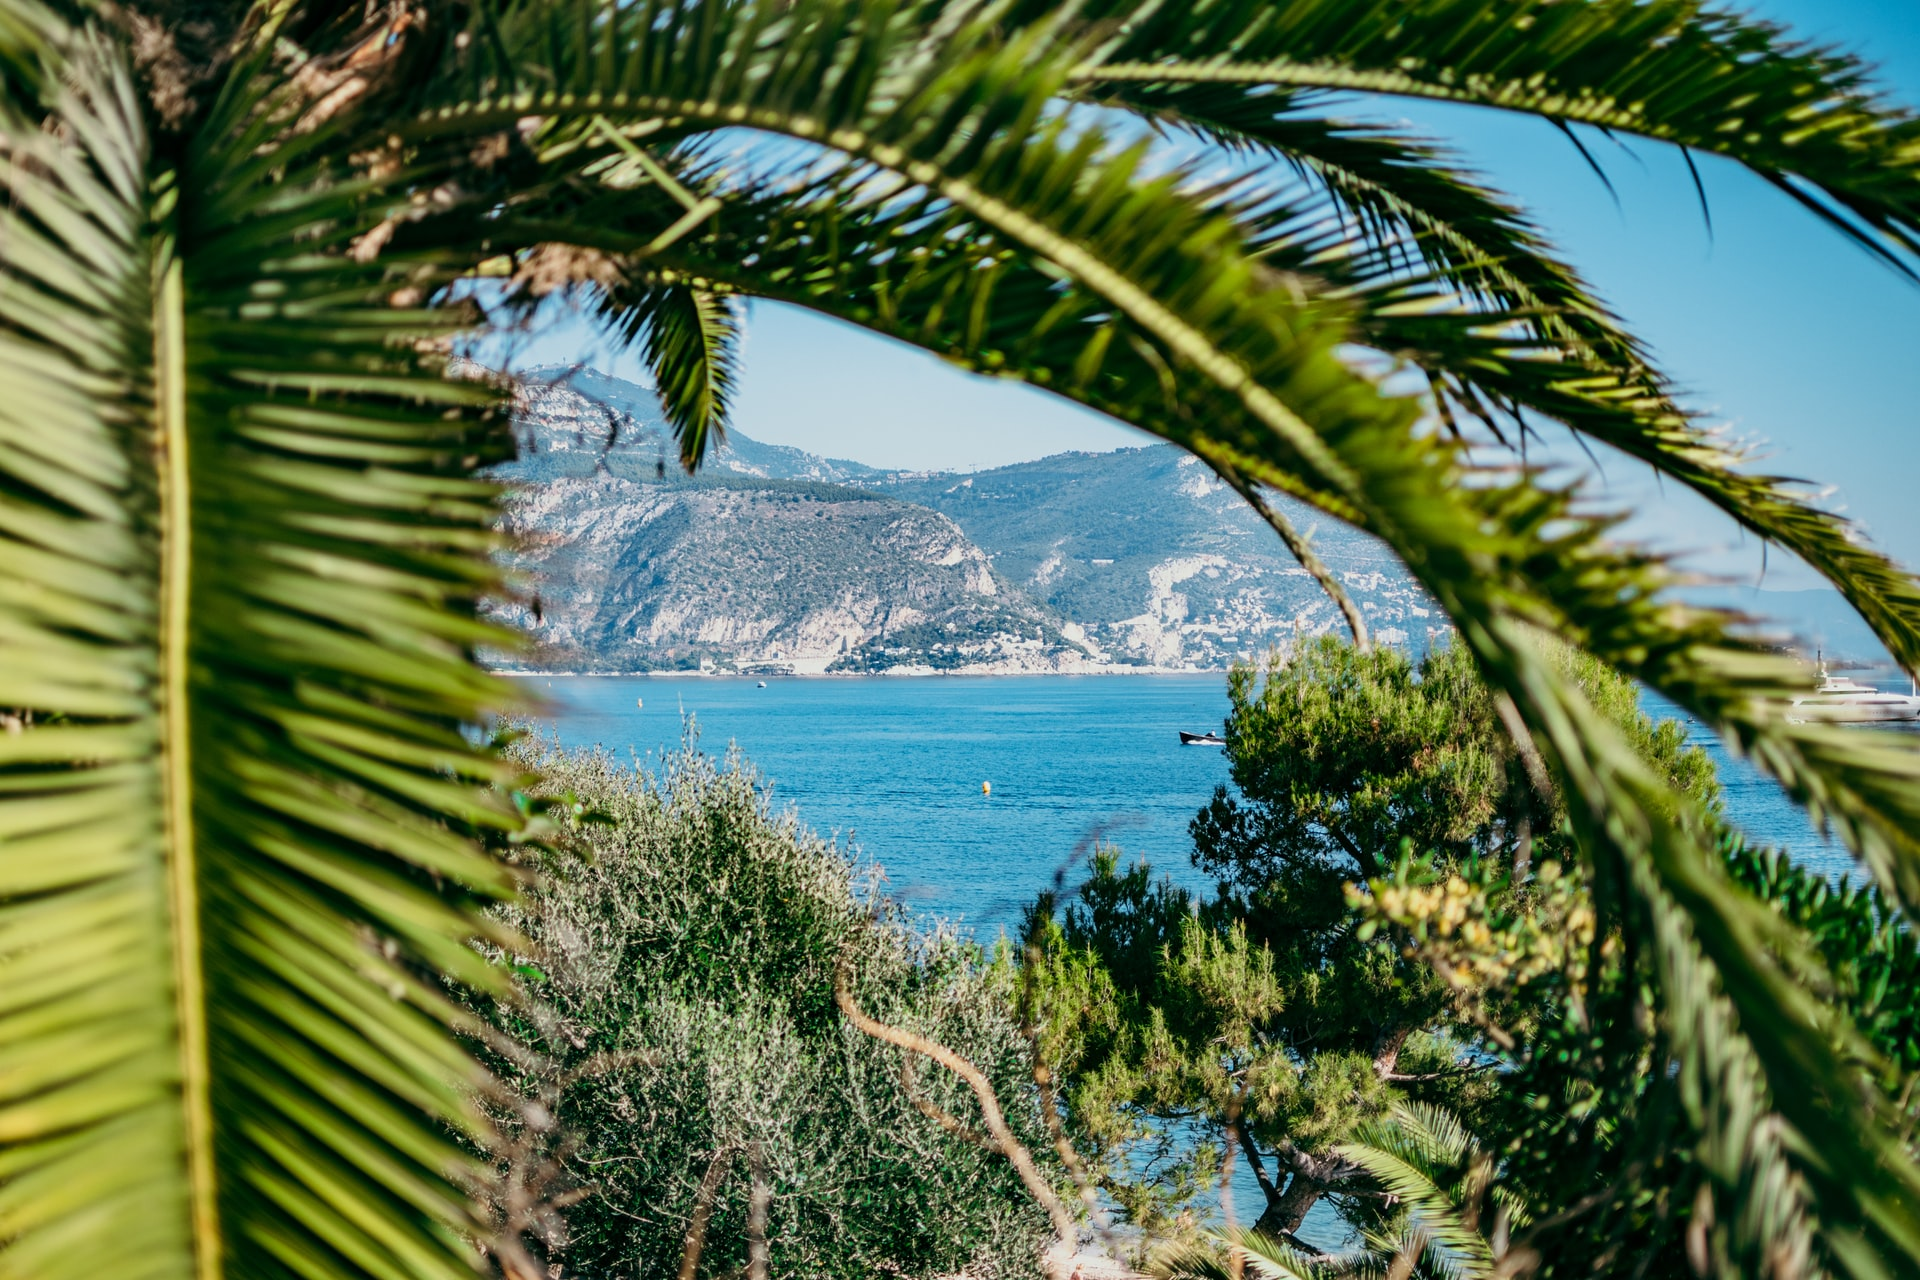 palmier avec vue sur la mer Méditerranée